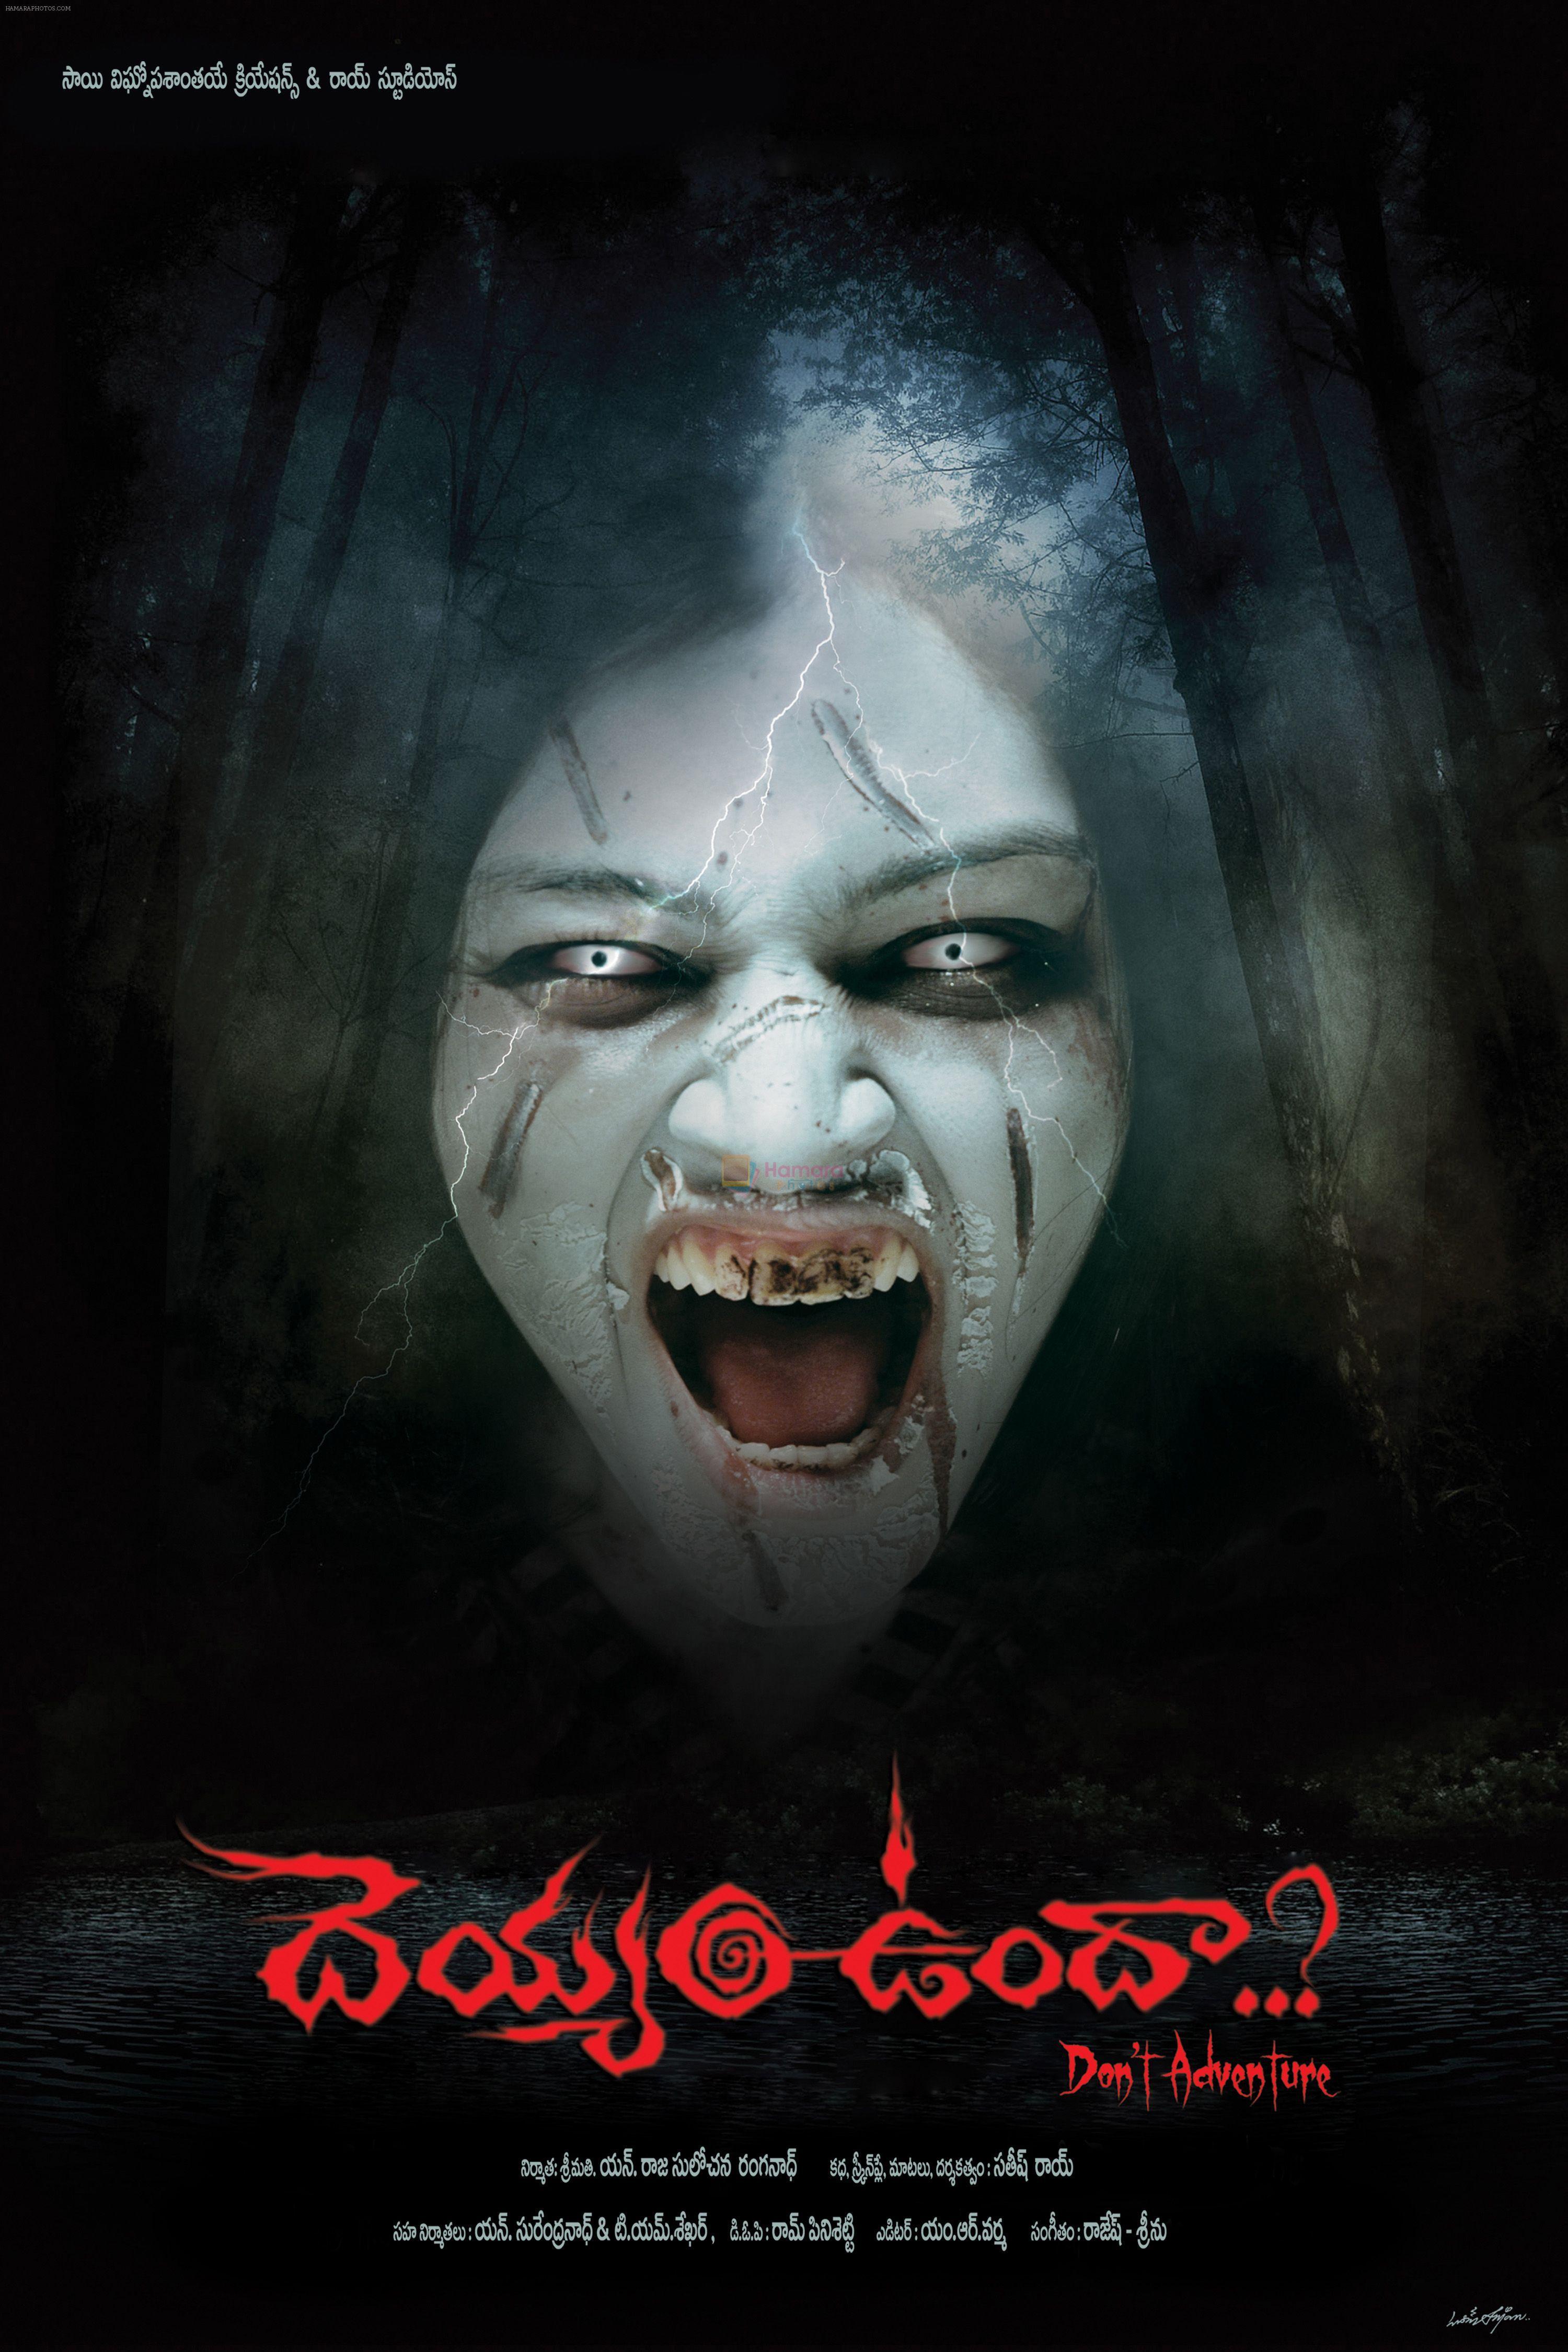 Deyyam Vunda Poster And Wallpaper - First Telugu Horror Movie , HD Wallpaper & Backgrounds